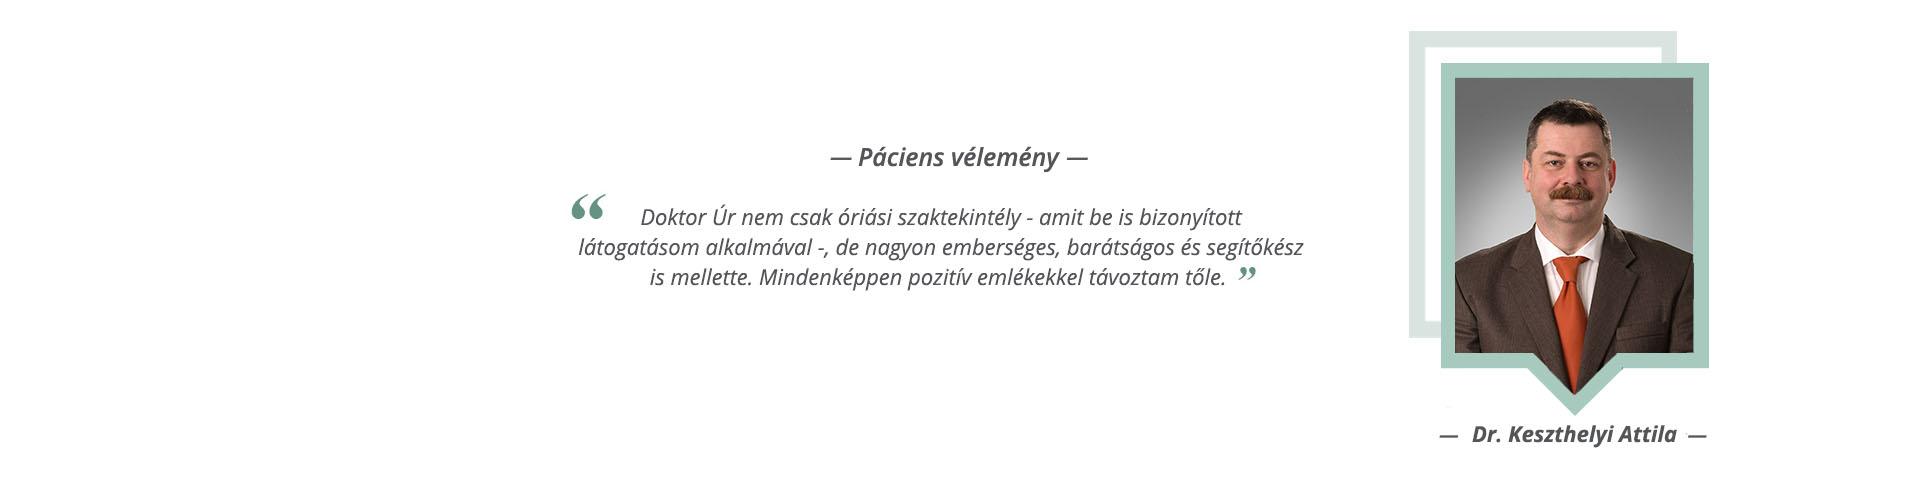 boc-home-cut-dr.keszthelyi_hu